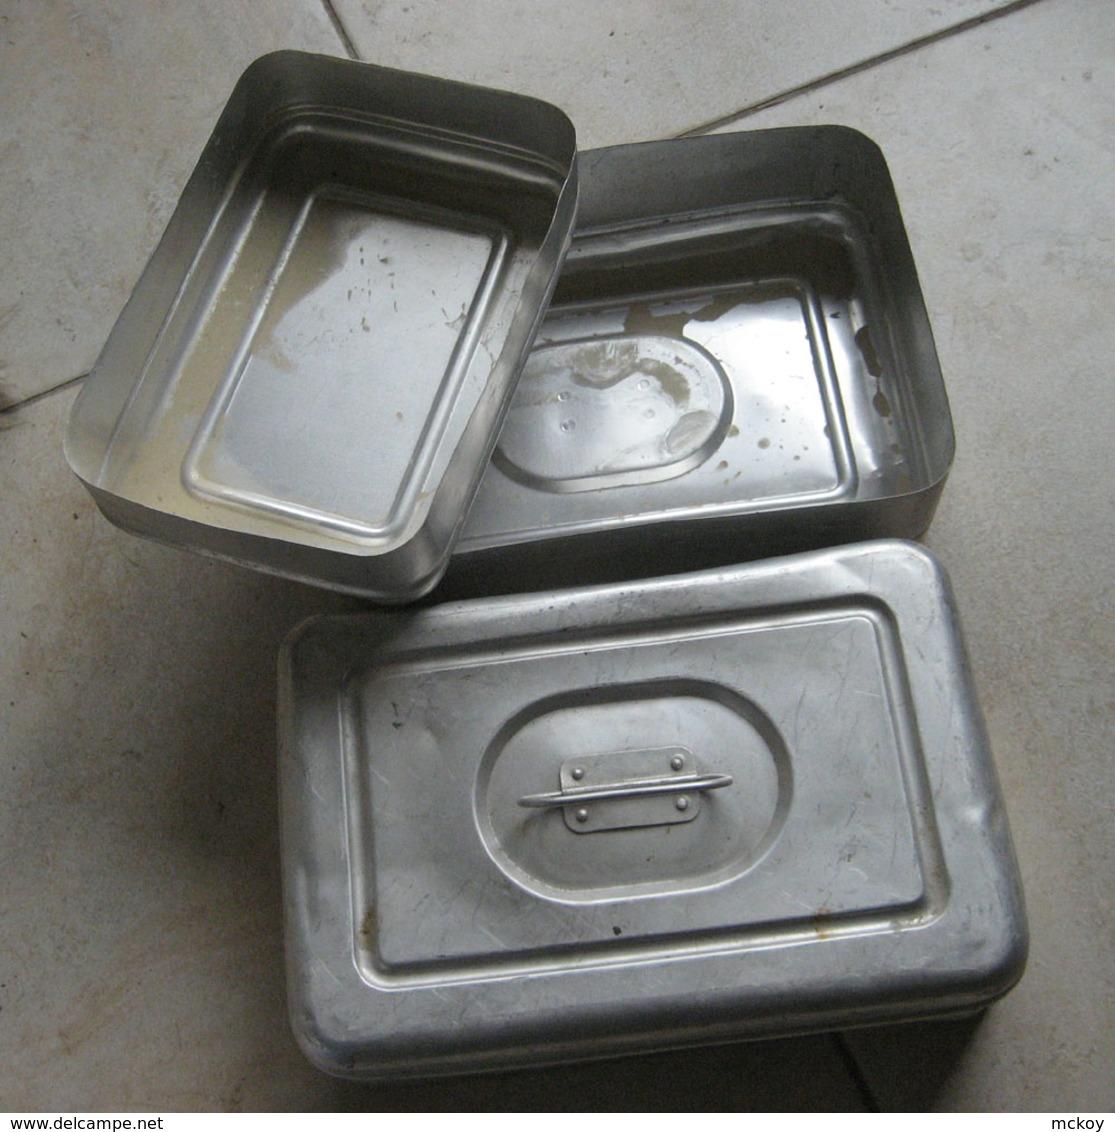 Gamelle Alu Surement Post Ww2 (à Vérifier) 25cm X 17 Cm - Equipement